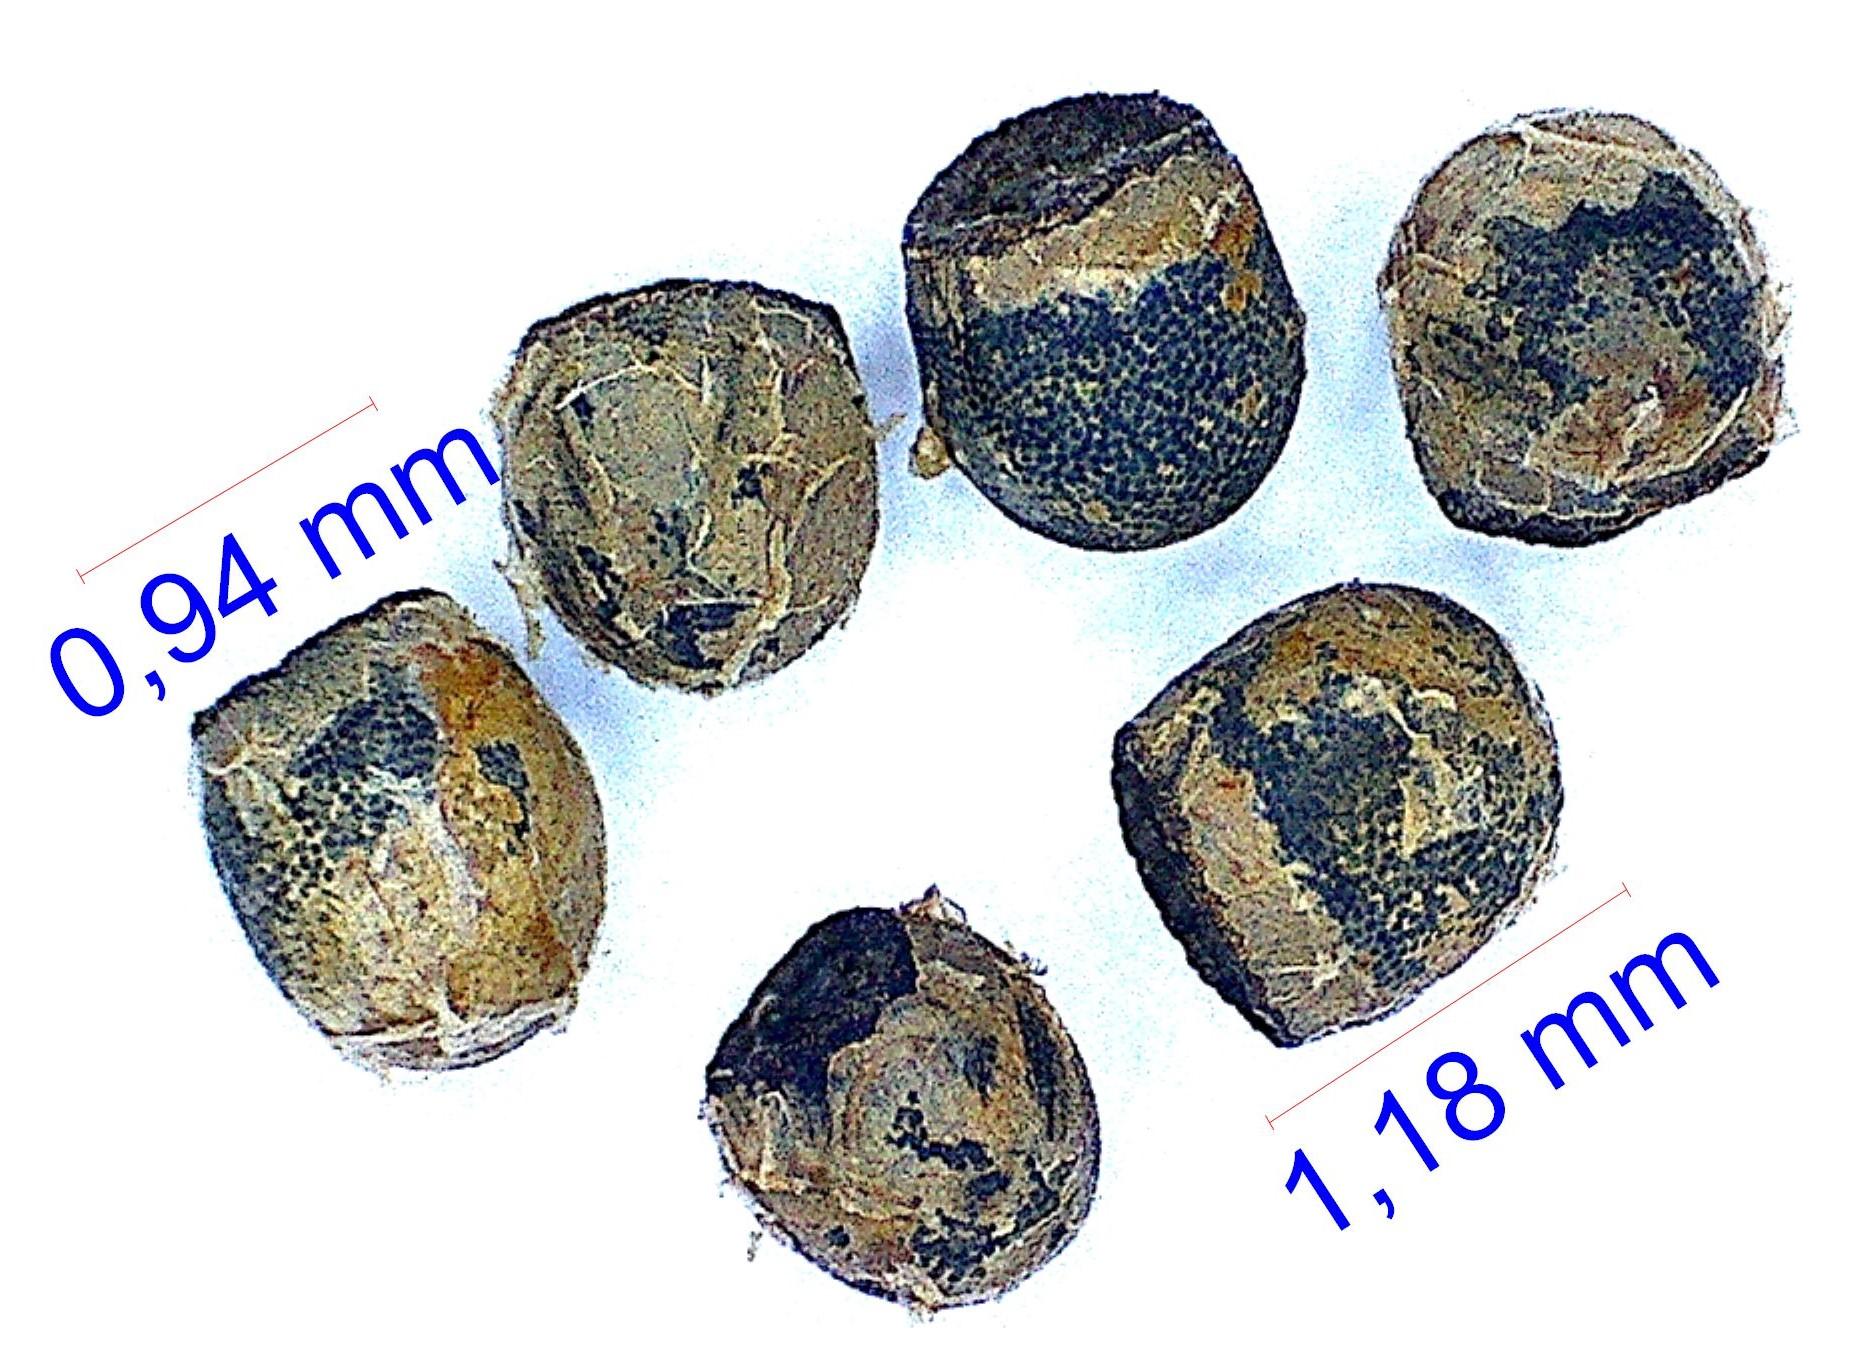 Gymnocalycium schroederianum ssp boessii. © Joël Lodé/cactus-aventures.com